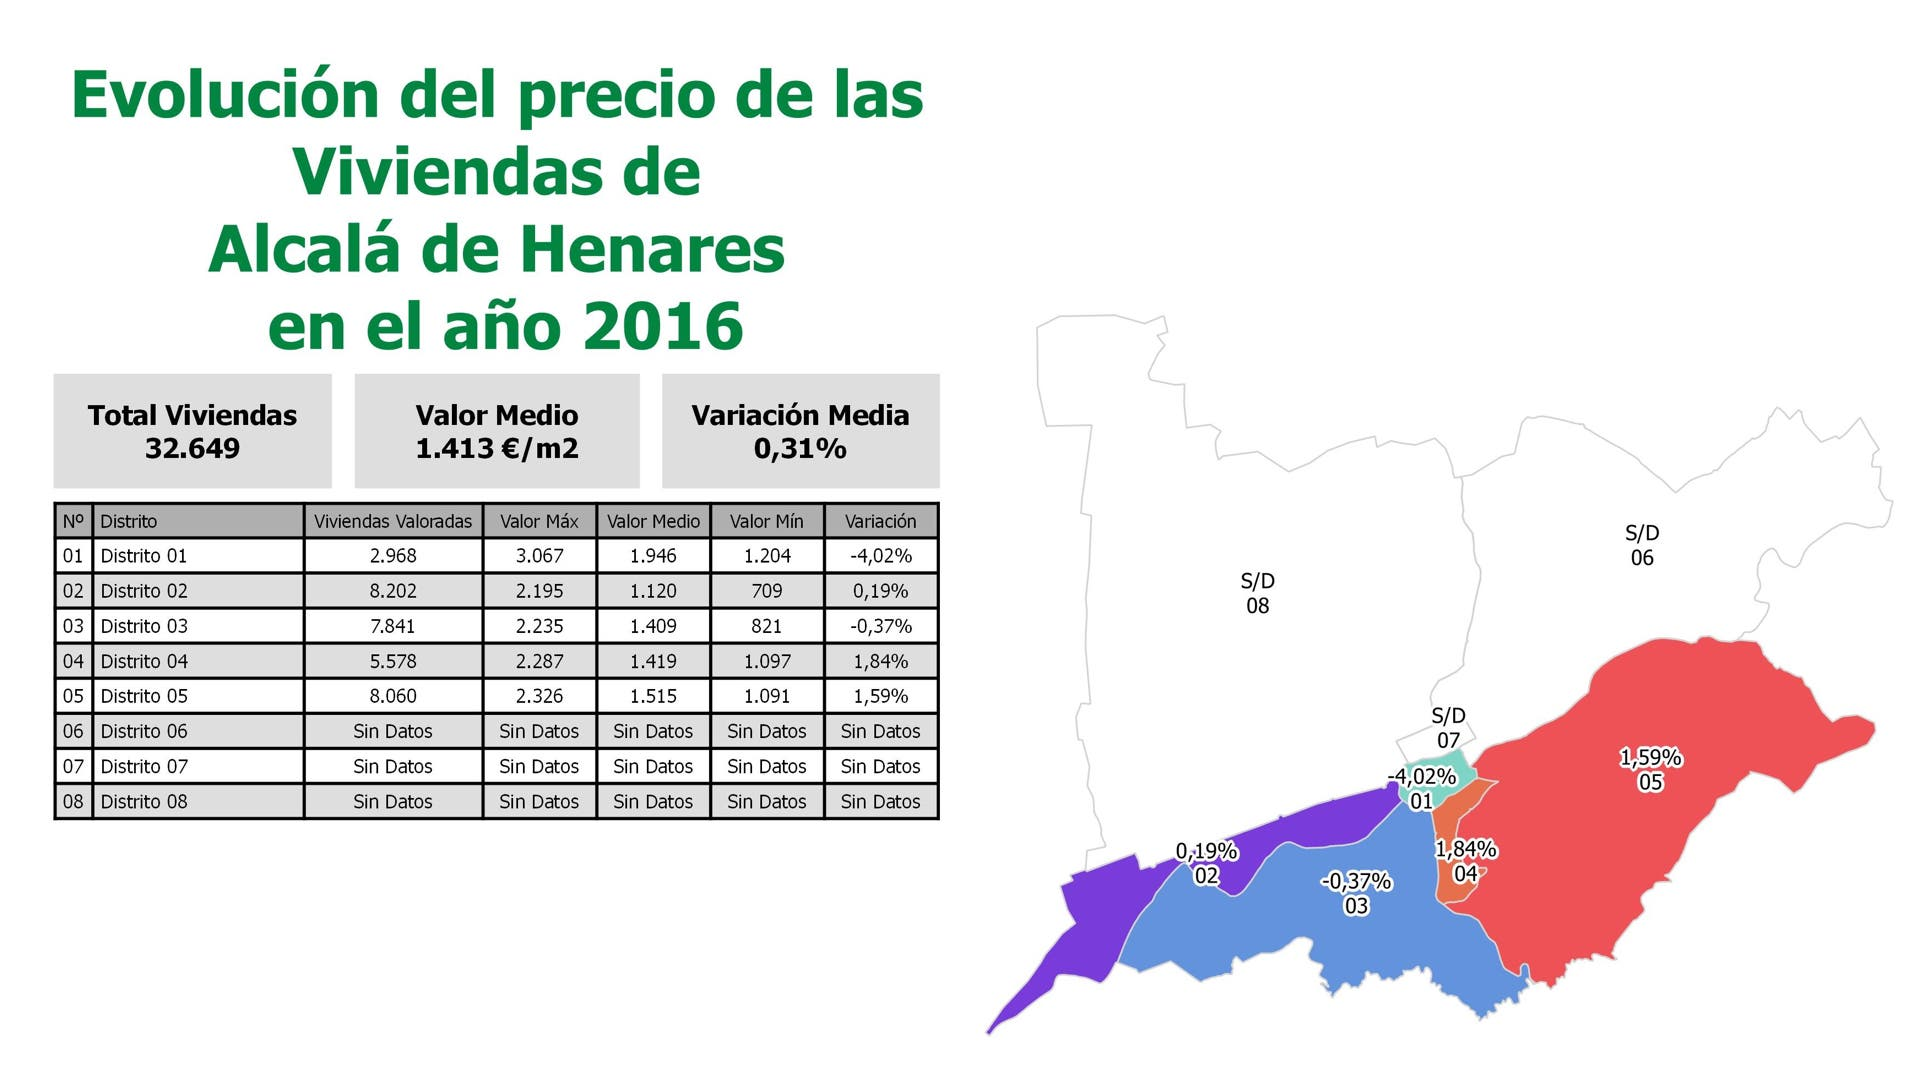 Fuente: Preciosviviendas.com